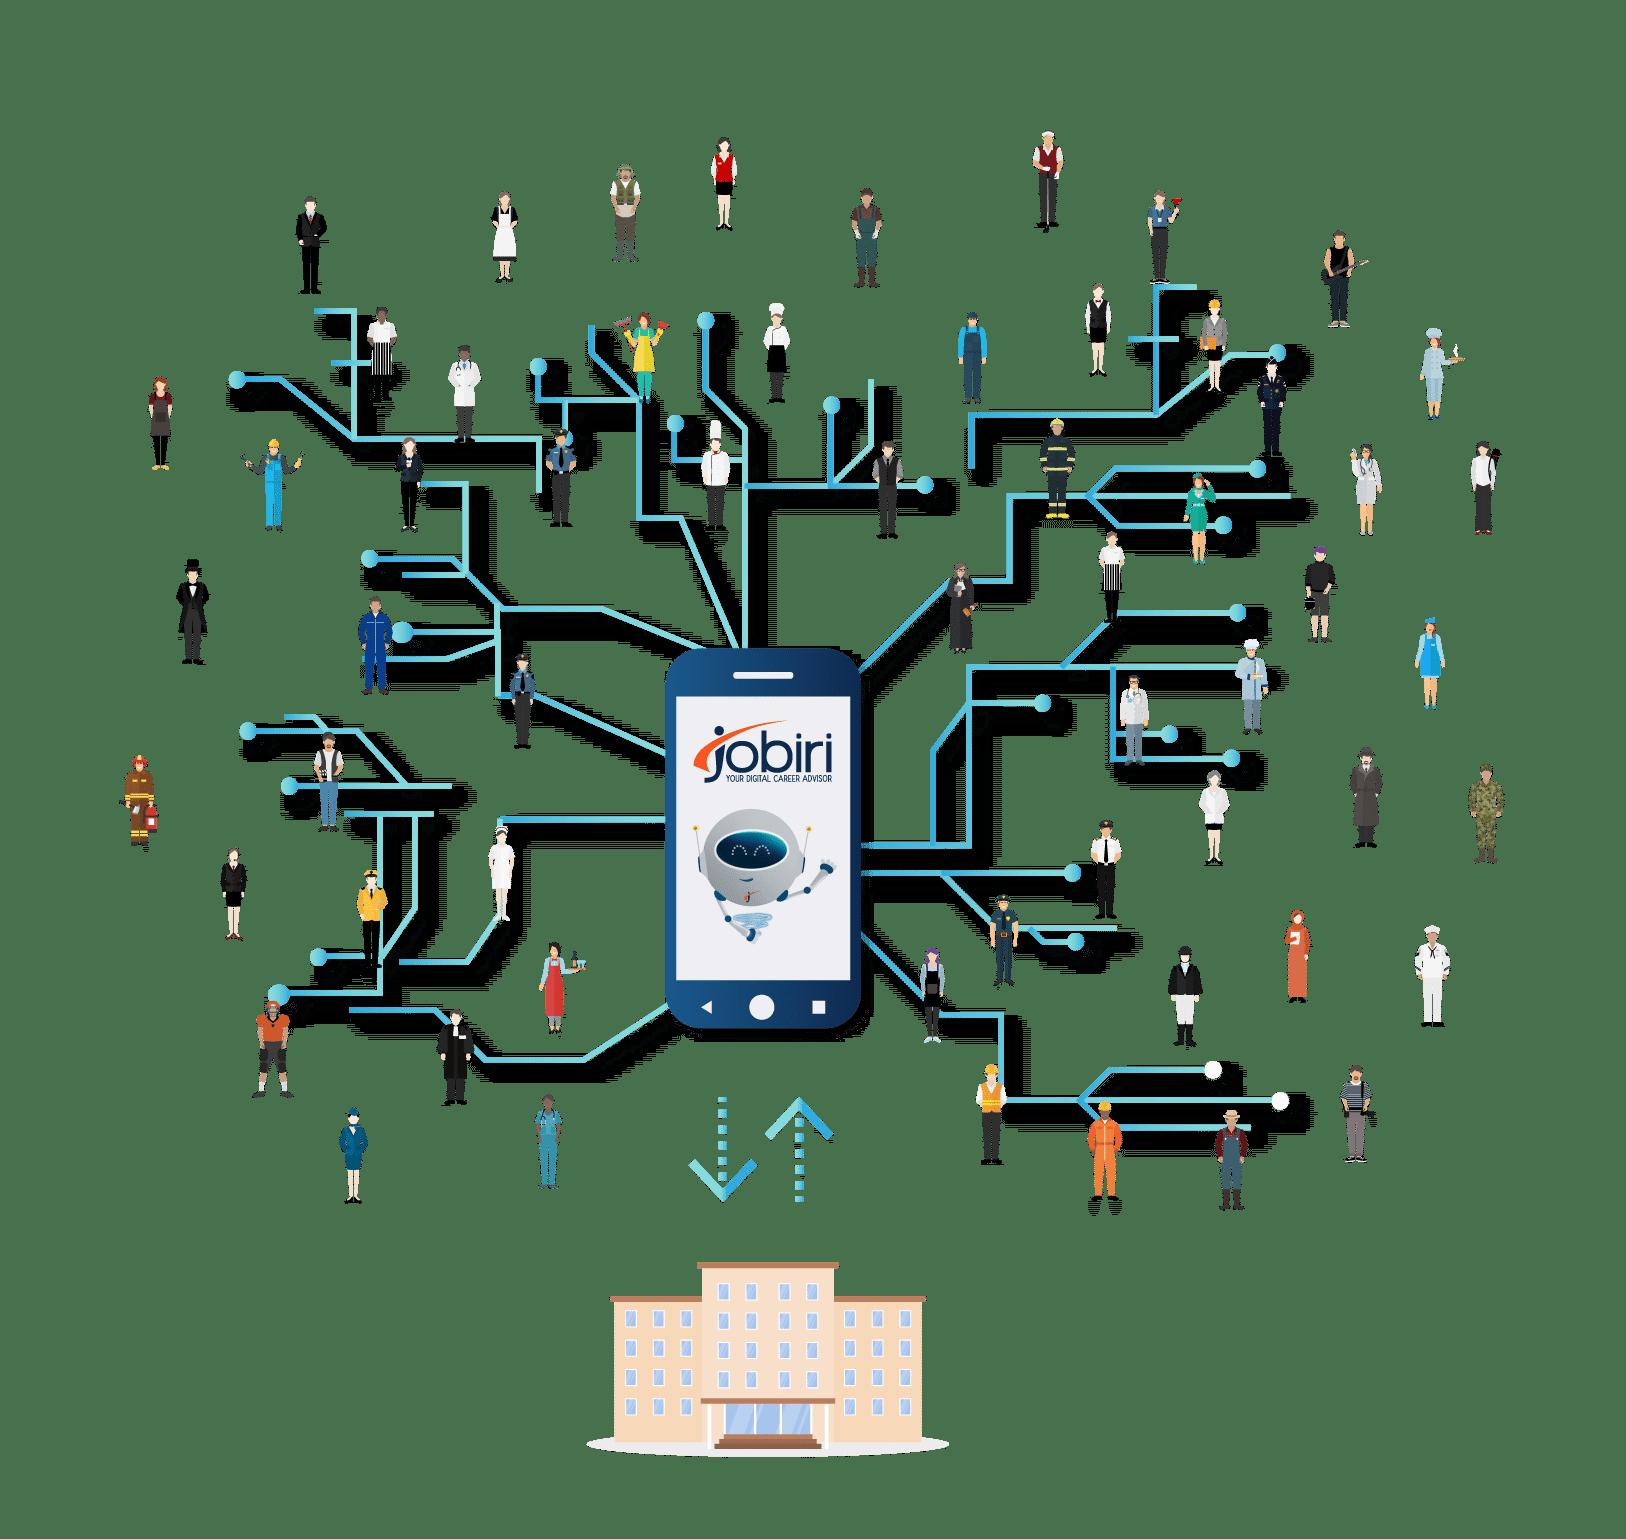 dati sui candidati supportati dai servizi al lavoro digitali Jobiri